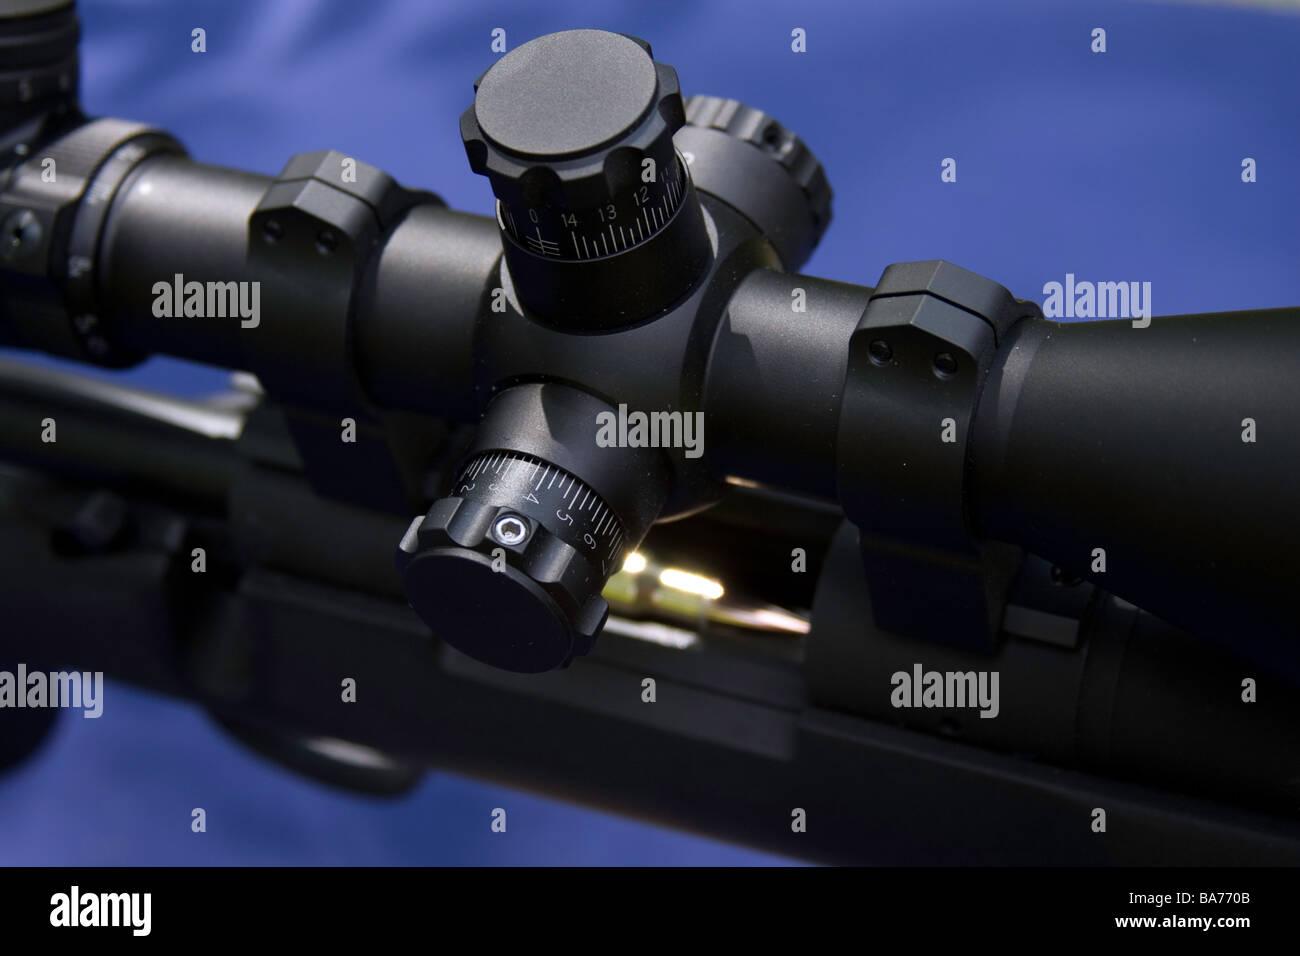 Tactique militaire Police fusil est chargé et prêt pour toute action dans les rues ou d'un pays lointain. Photo Stock